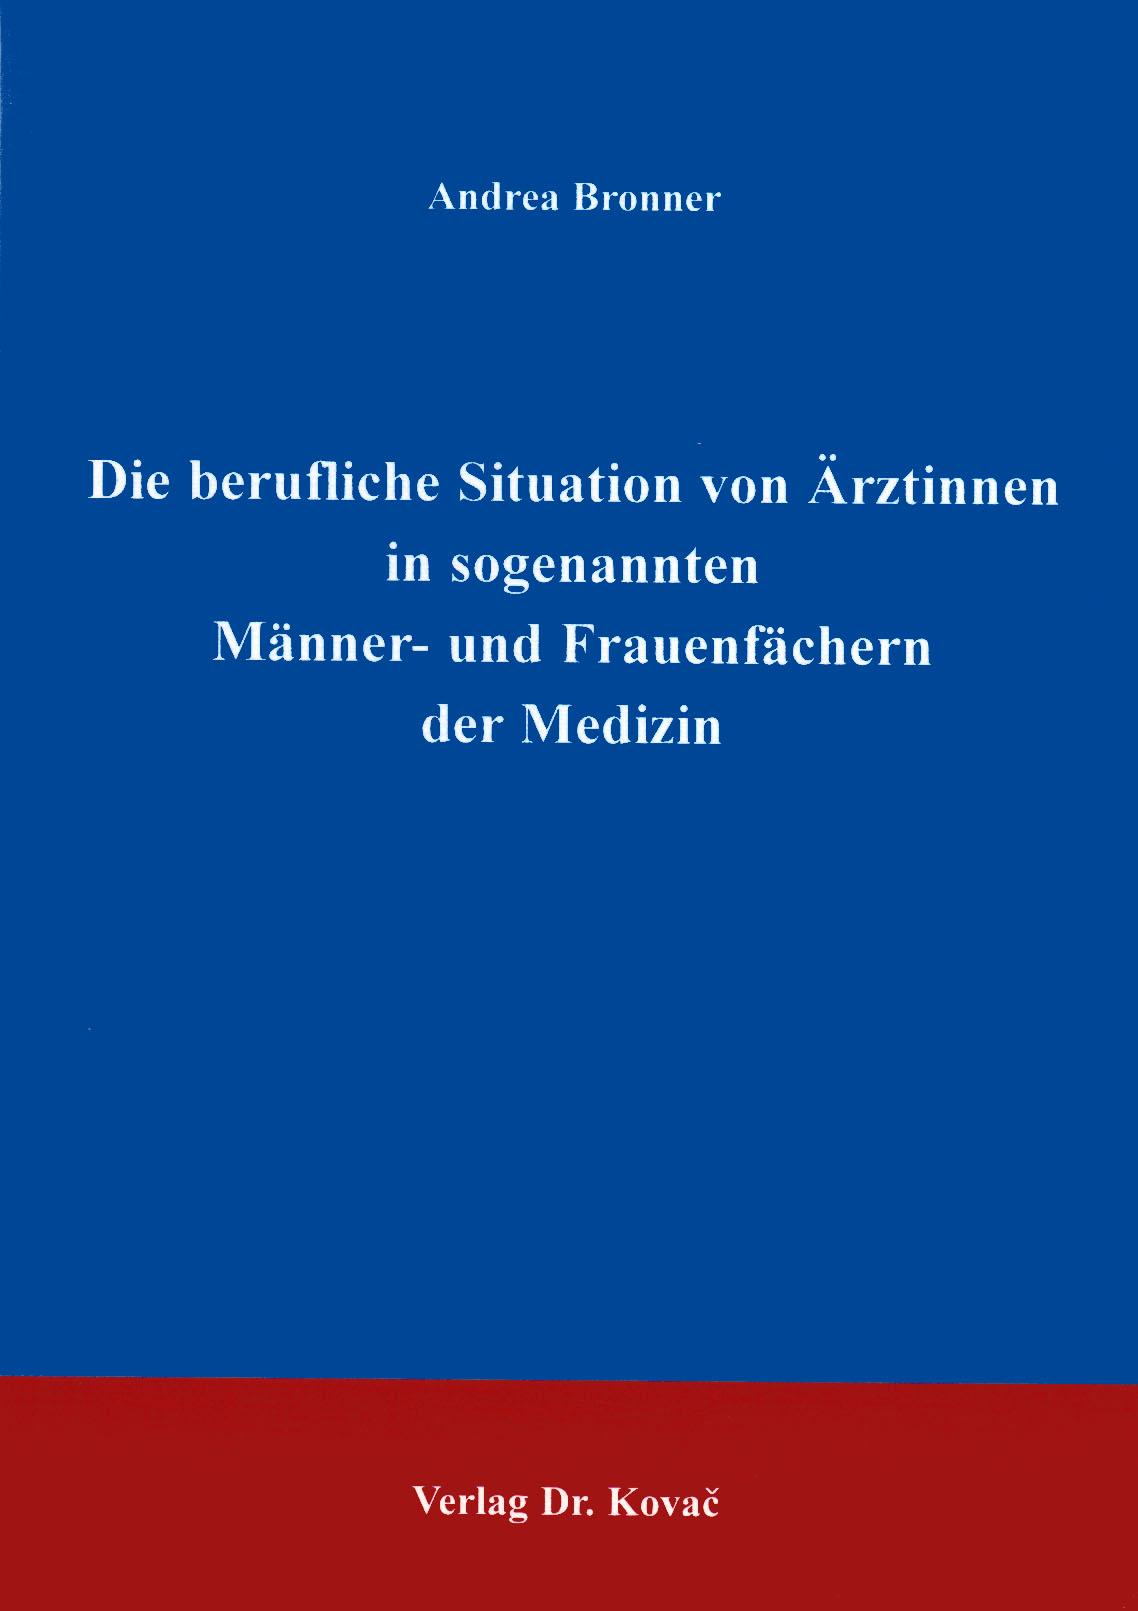 Cover: Die berufliche Situation von Ärztinnen in sogenannten Männer- und Frauenfächern der Medizin